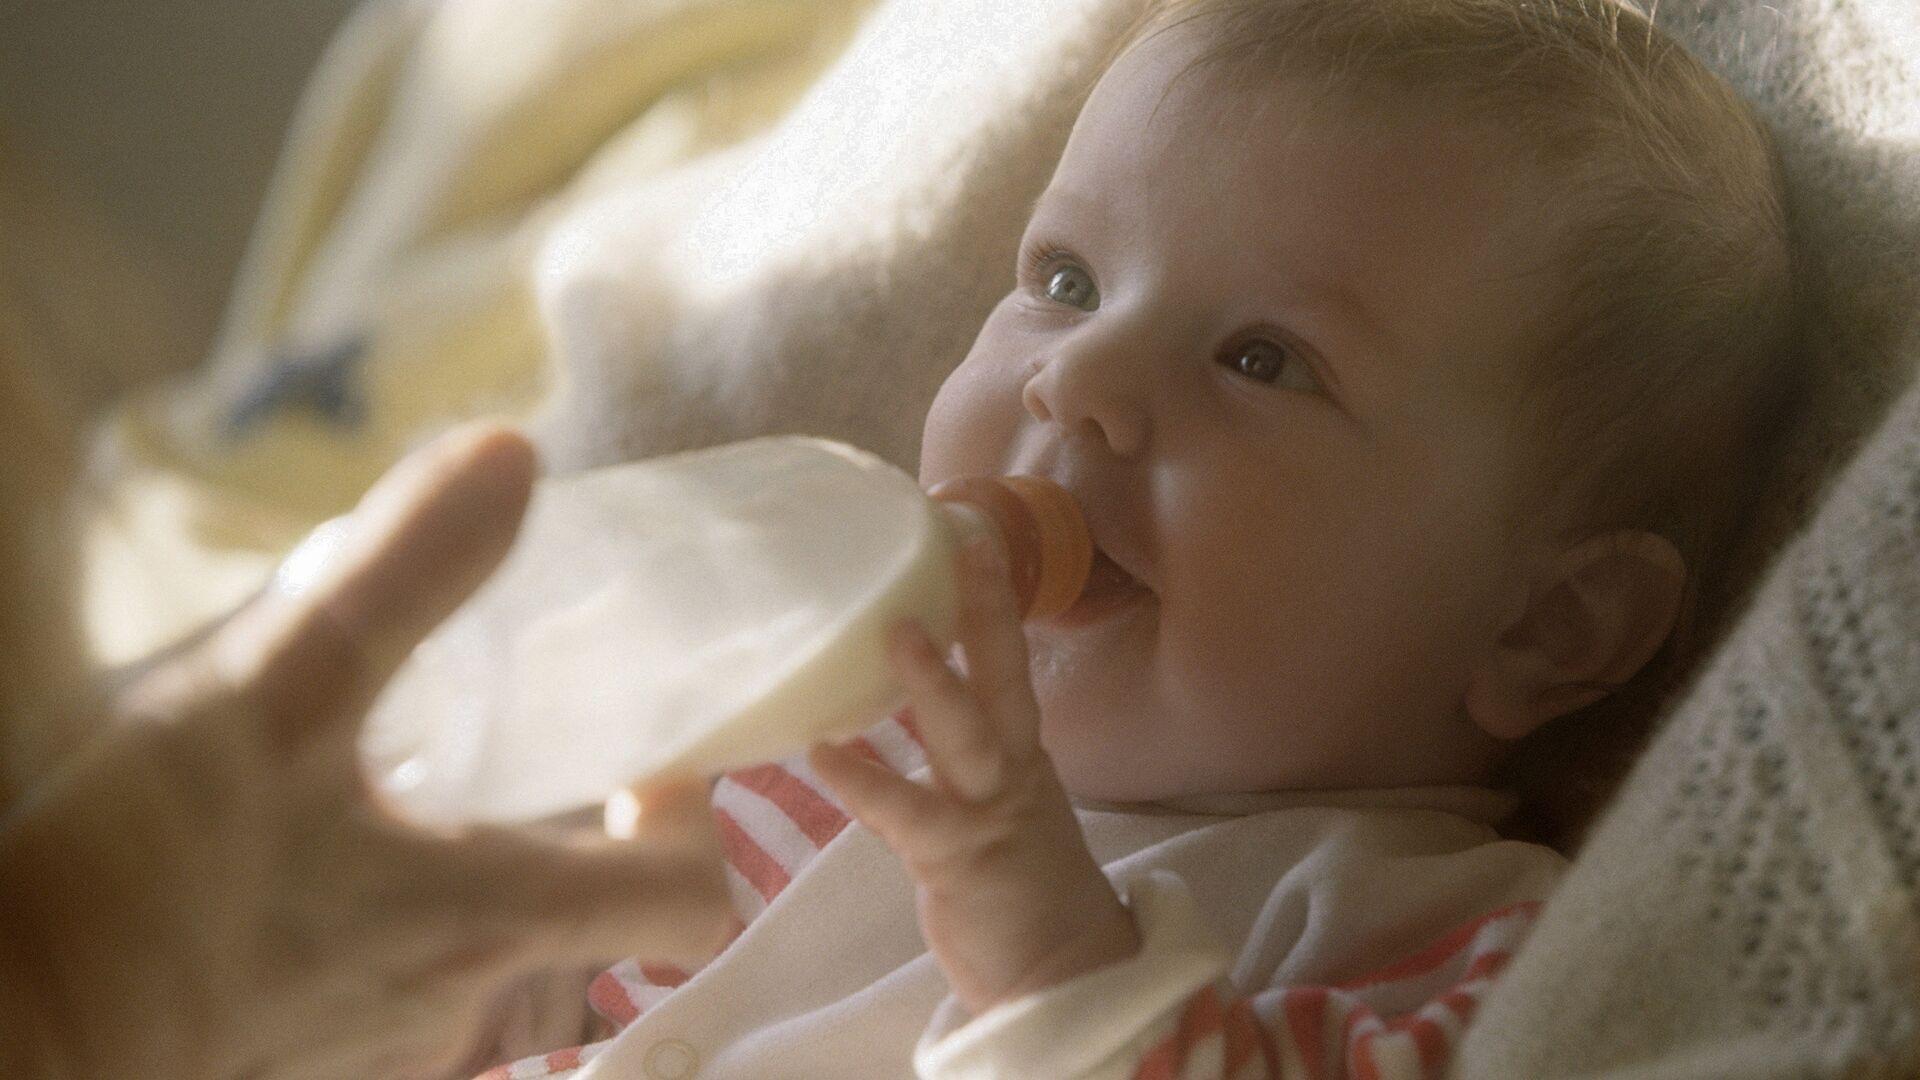 Ребенок кушает с бутылочки - Sputnik Грузия, 1920, 16.09.2021